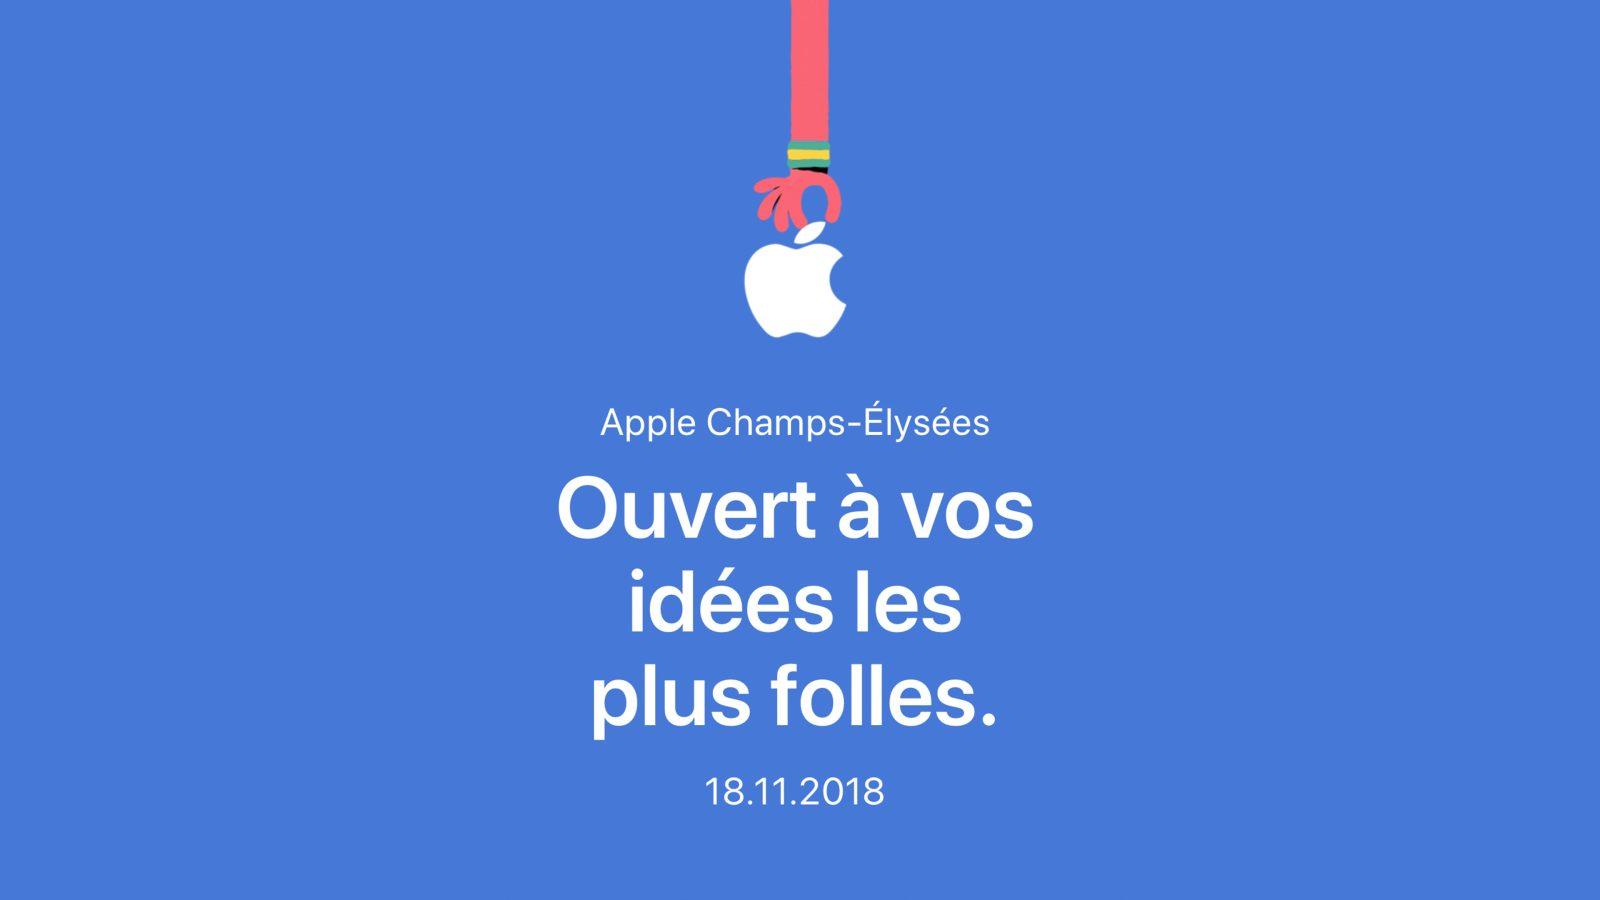 Apple Champs-Élysées Opens in Paris on November 18th